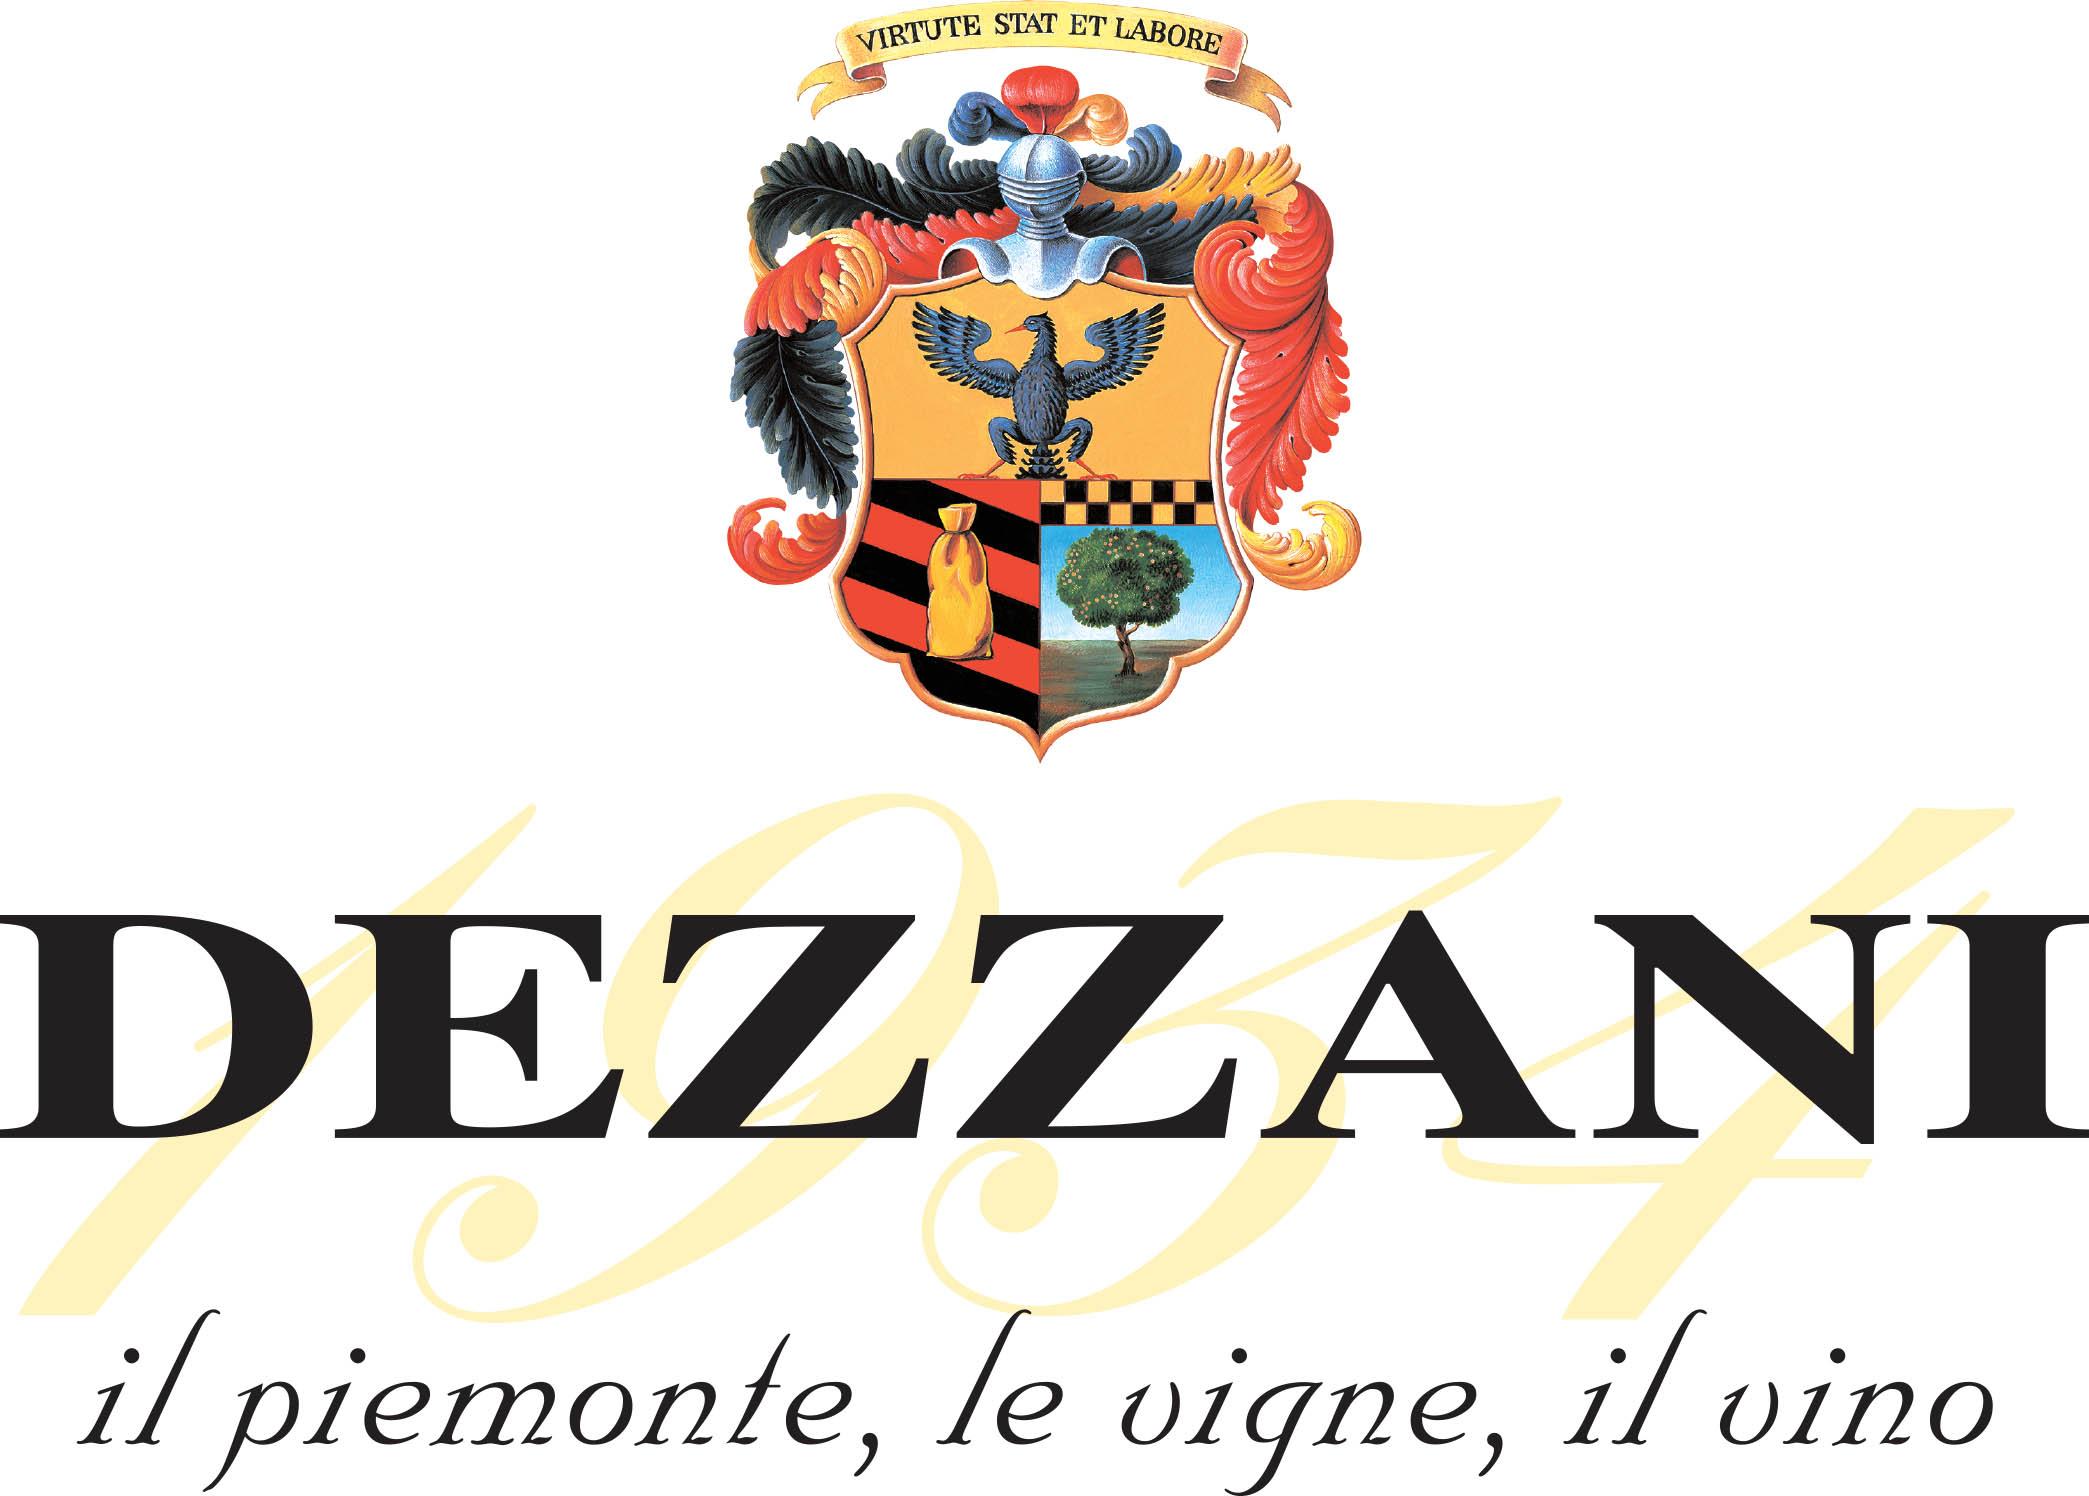 Dezzani